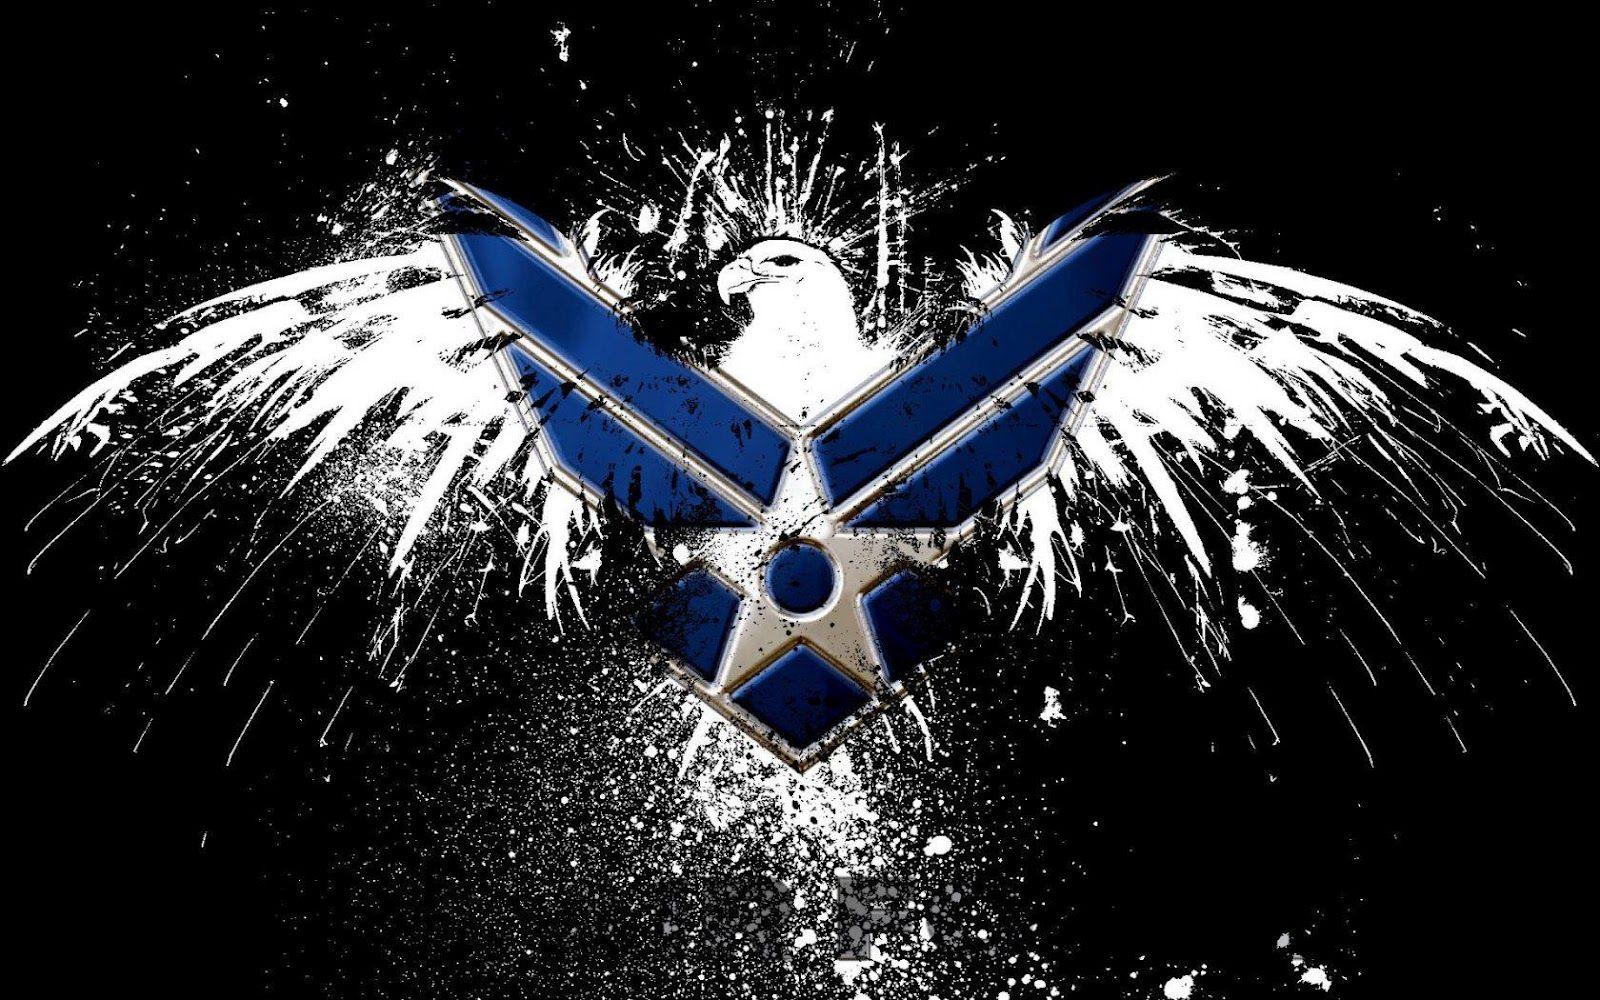 Air Force Logo HD Wallpaper Slwallpapers Patriotic